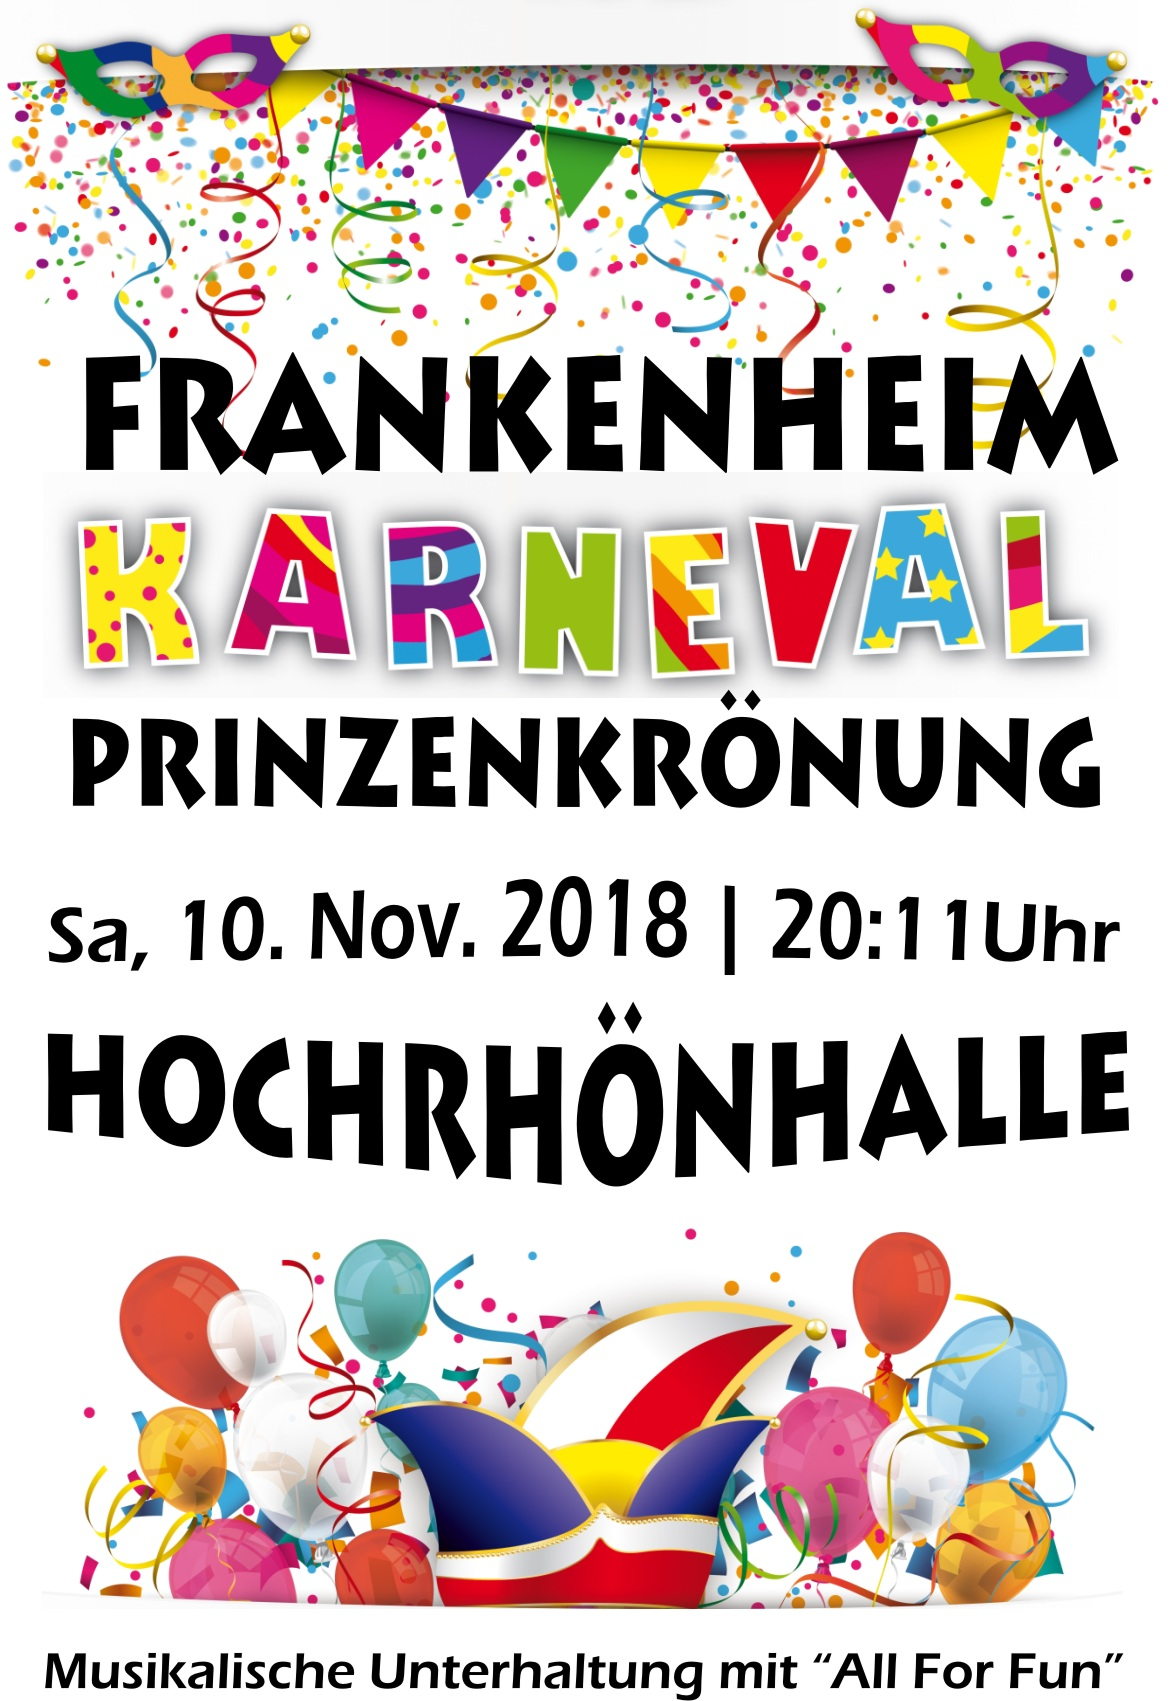 Karnevalsauftakt mit Prinzenkrönung in Frankenheim am 10. November 2018